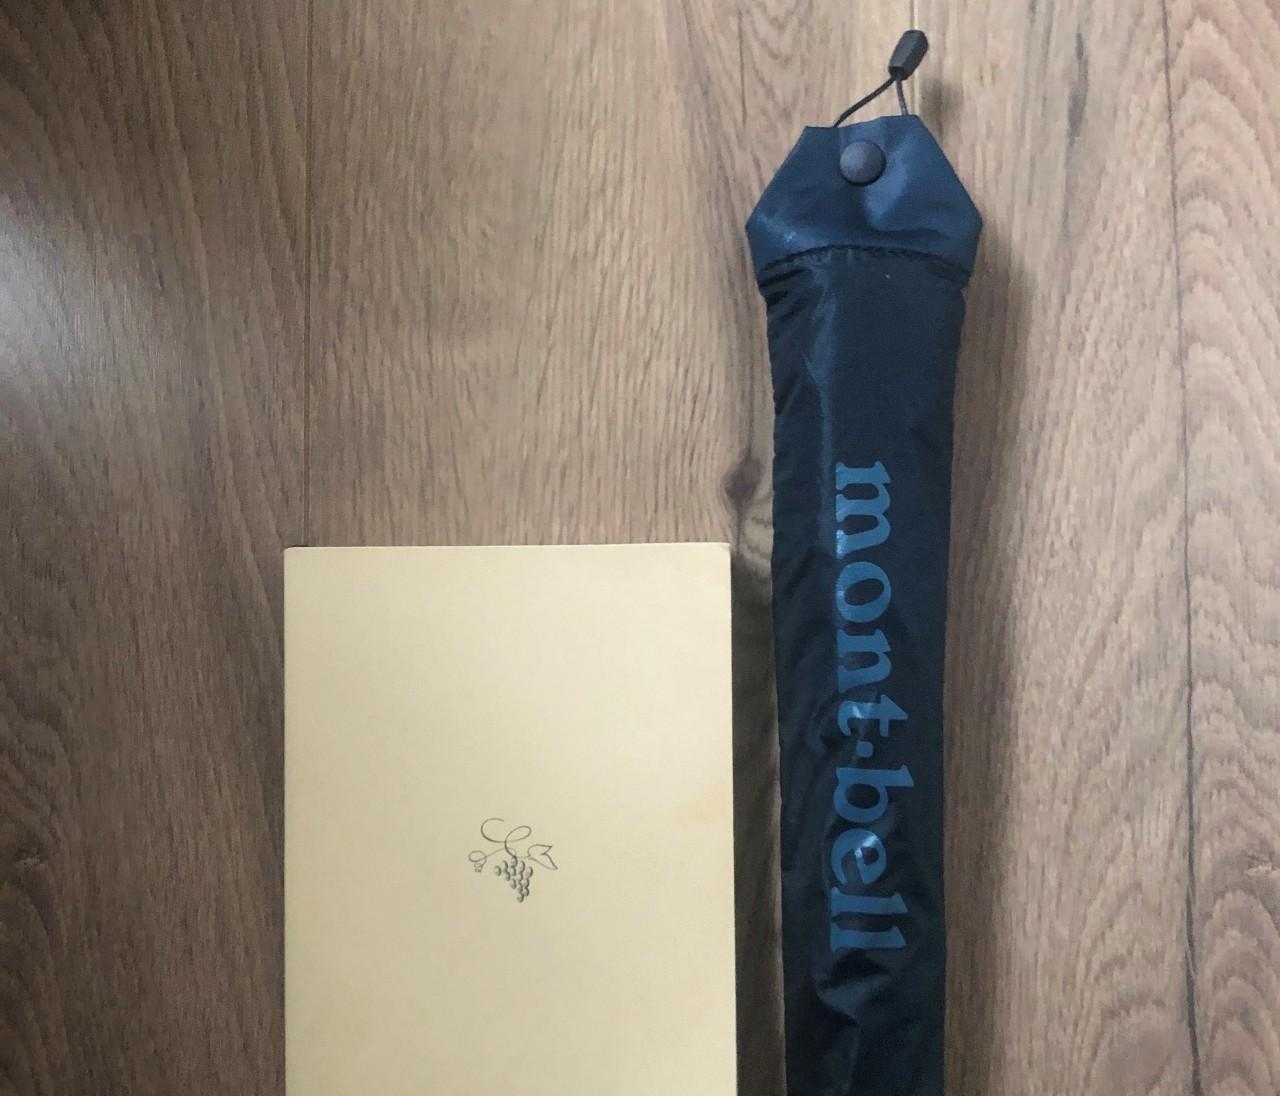 【エディターのおうち私物#84】ミニバッグ派の強い味方! モンベルの折りたたみ傘